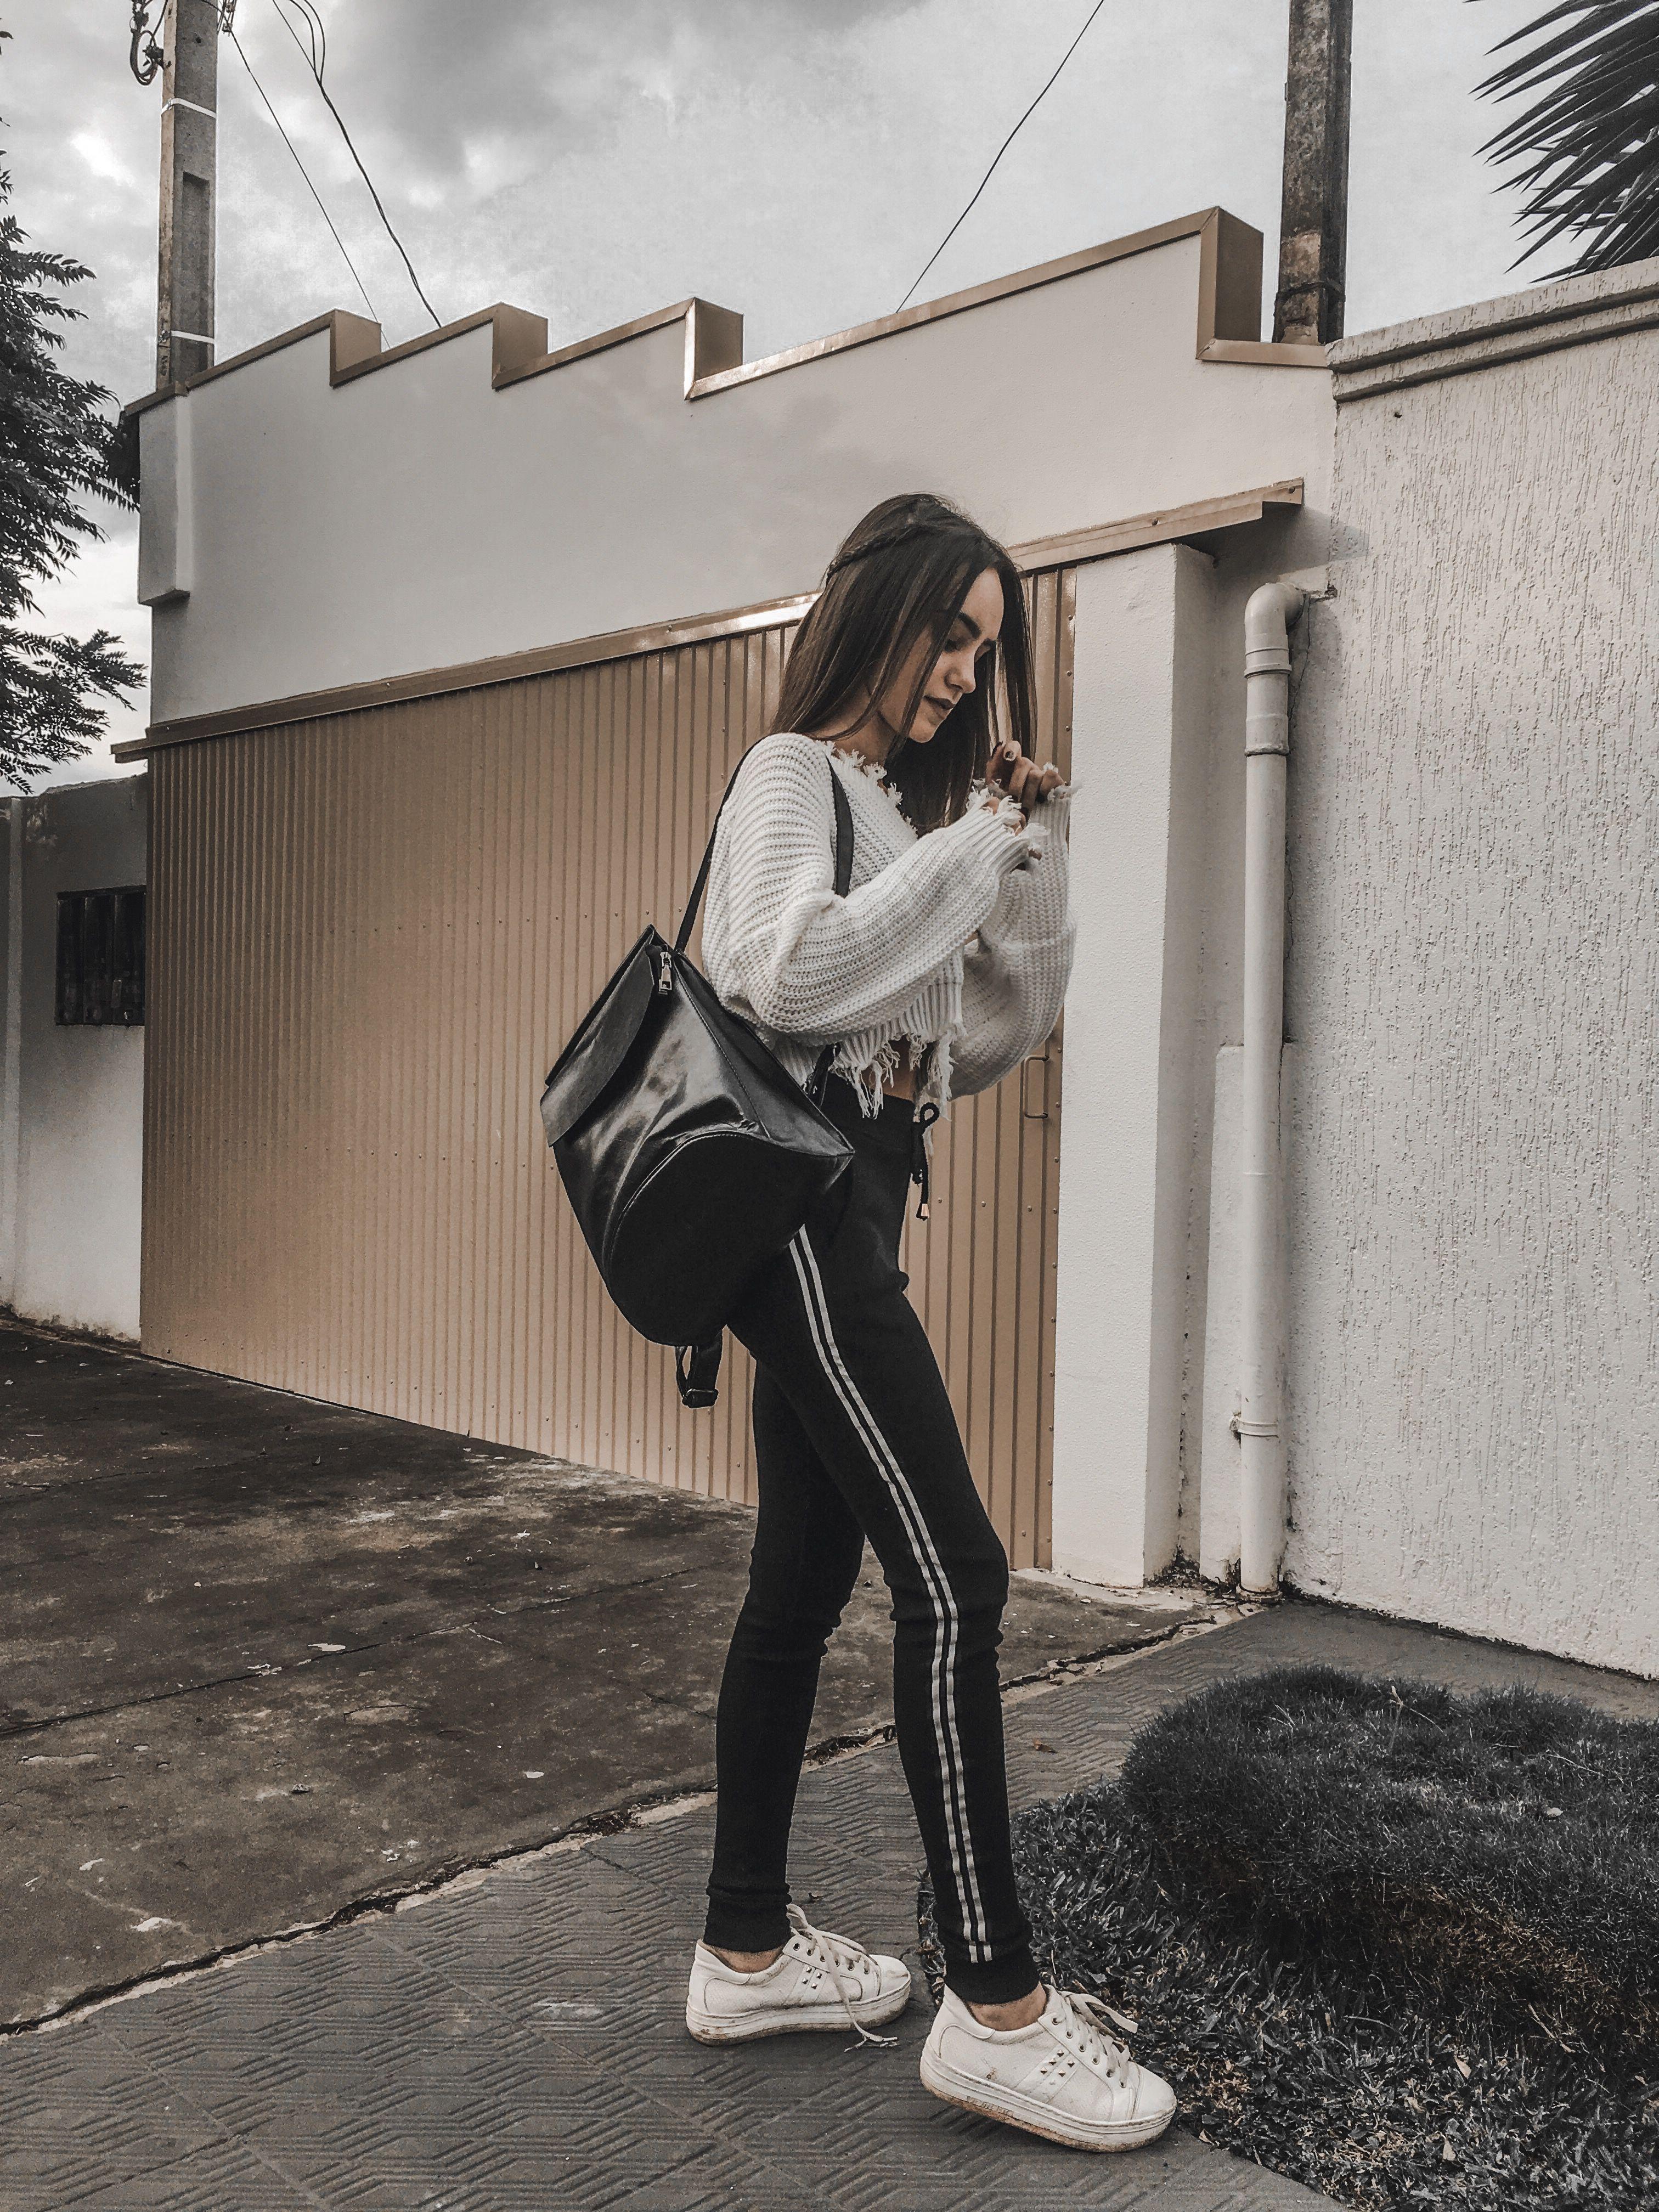 4a4961a405 Foto tumblr usando roupas de loja gringa. | fotitos em 2019 | Roupas ...